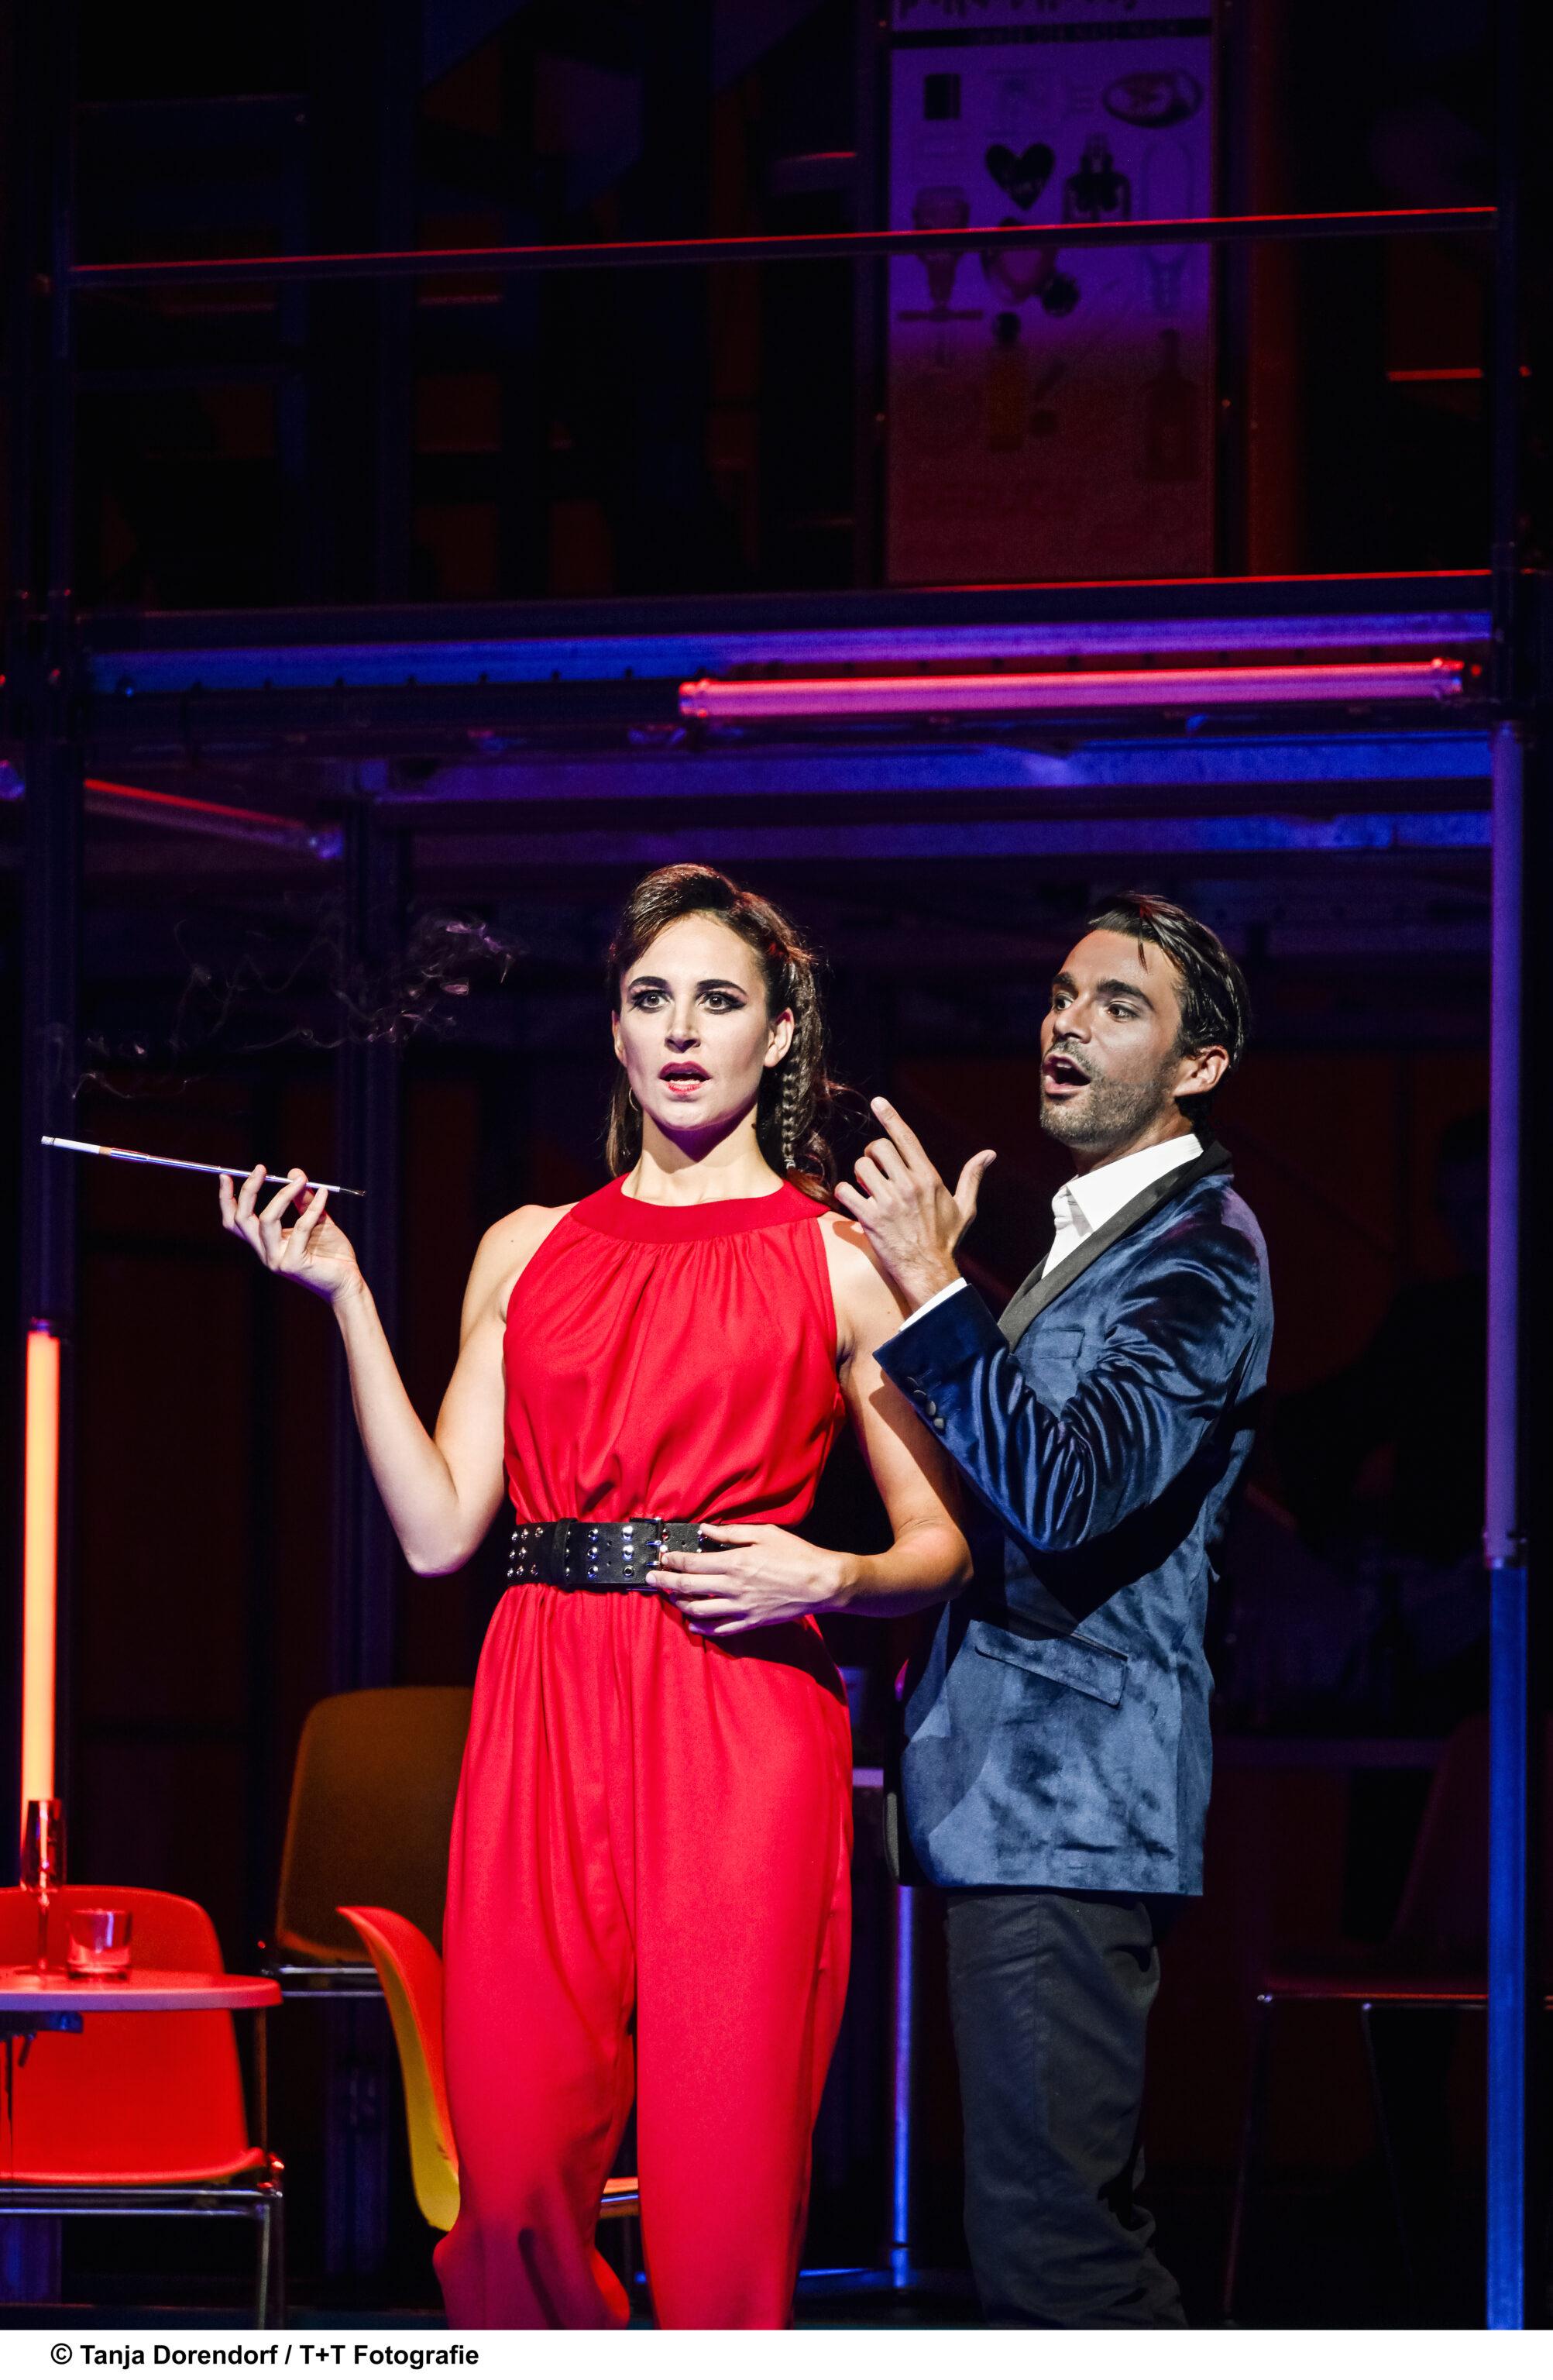 Florentine Krafft und Luka Dimic turteln in Paradise City, dem Musical von Konzert Theater Bern